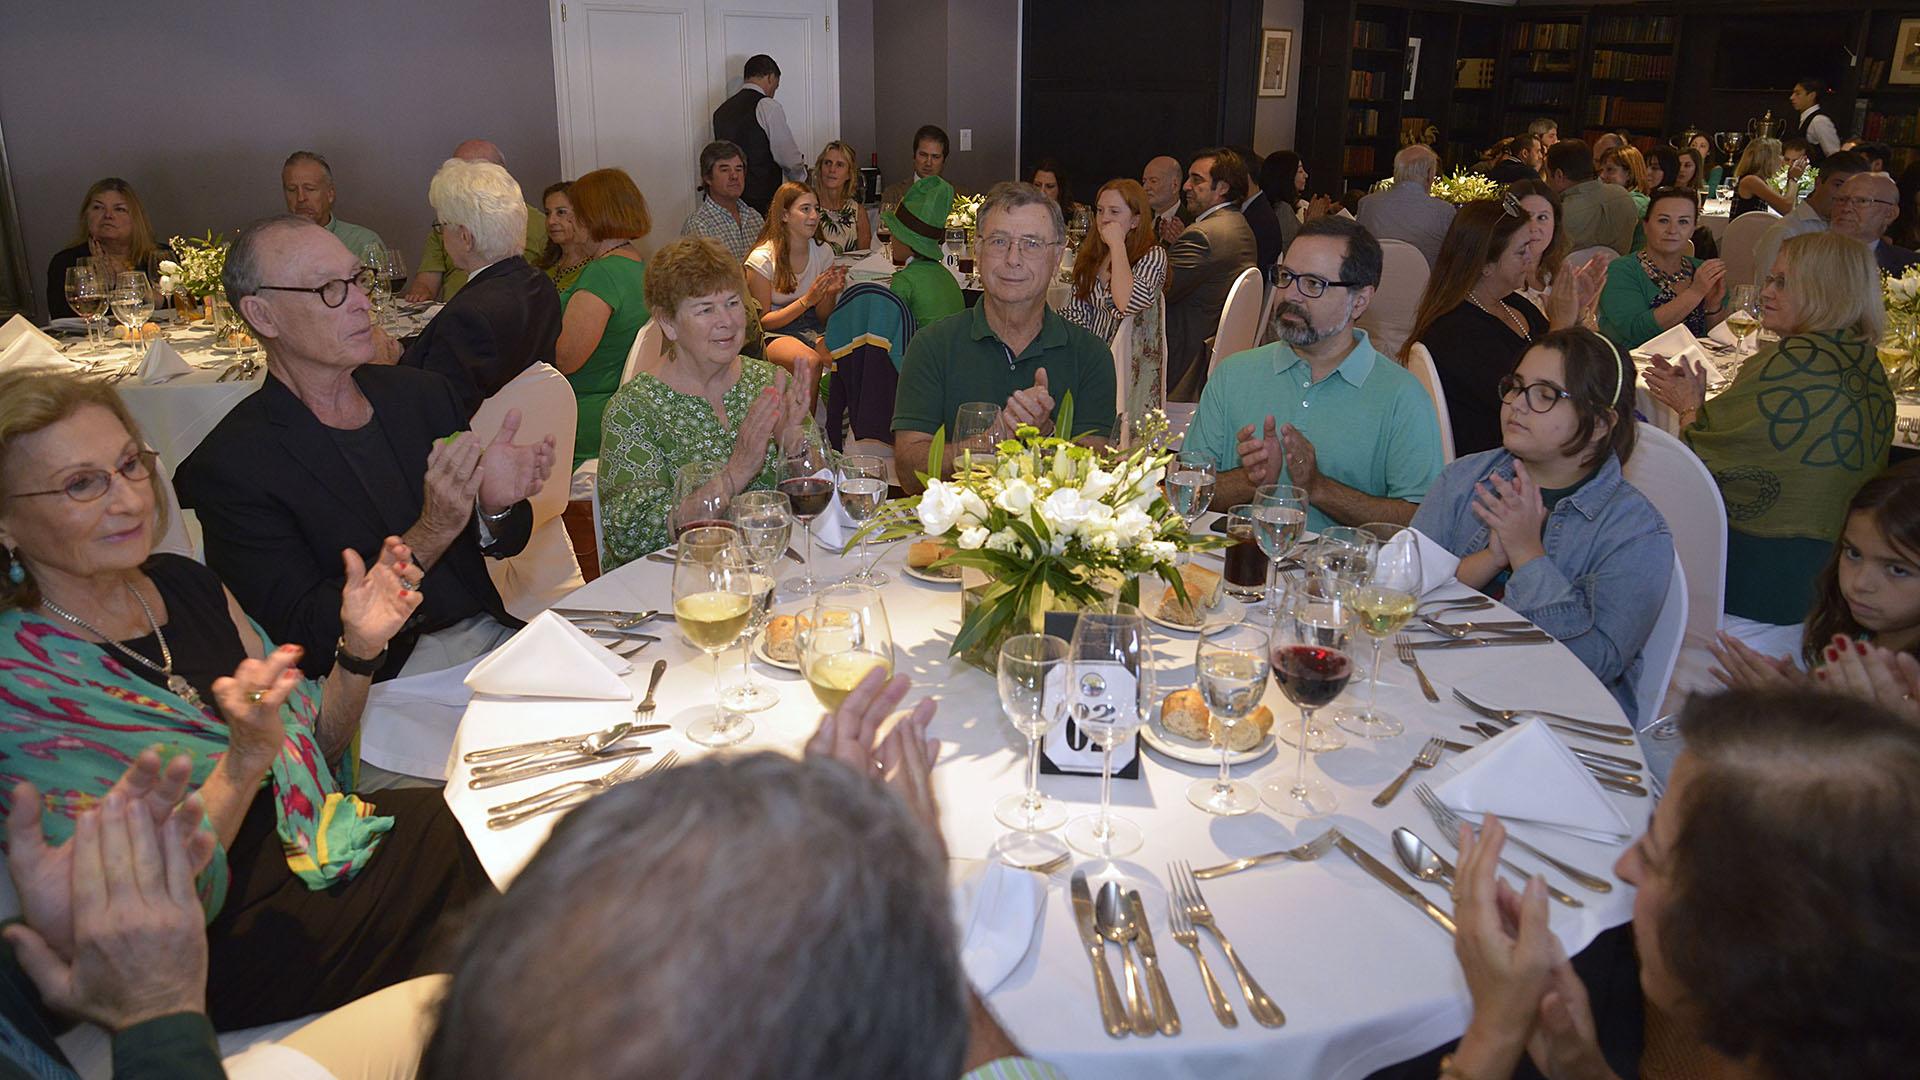 Los comensales que celebraron el Día de San Patricio son socios del Club Americano, familiares y acompañantes de los miembros